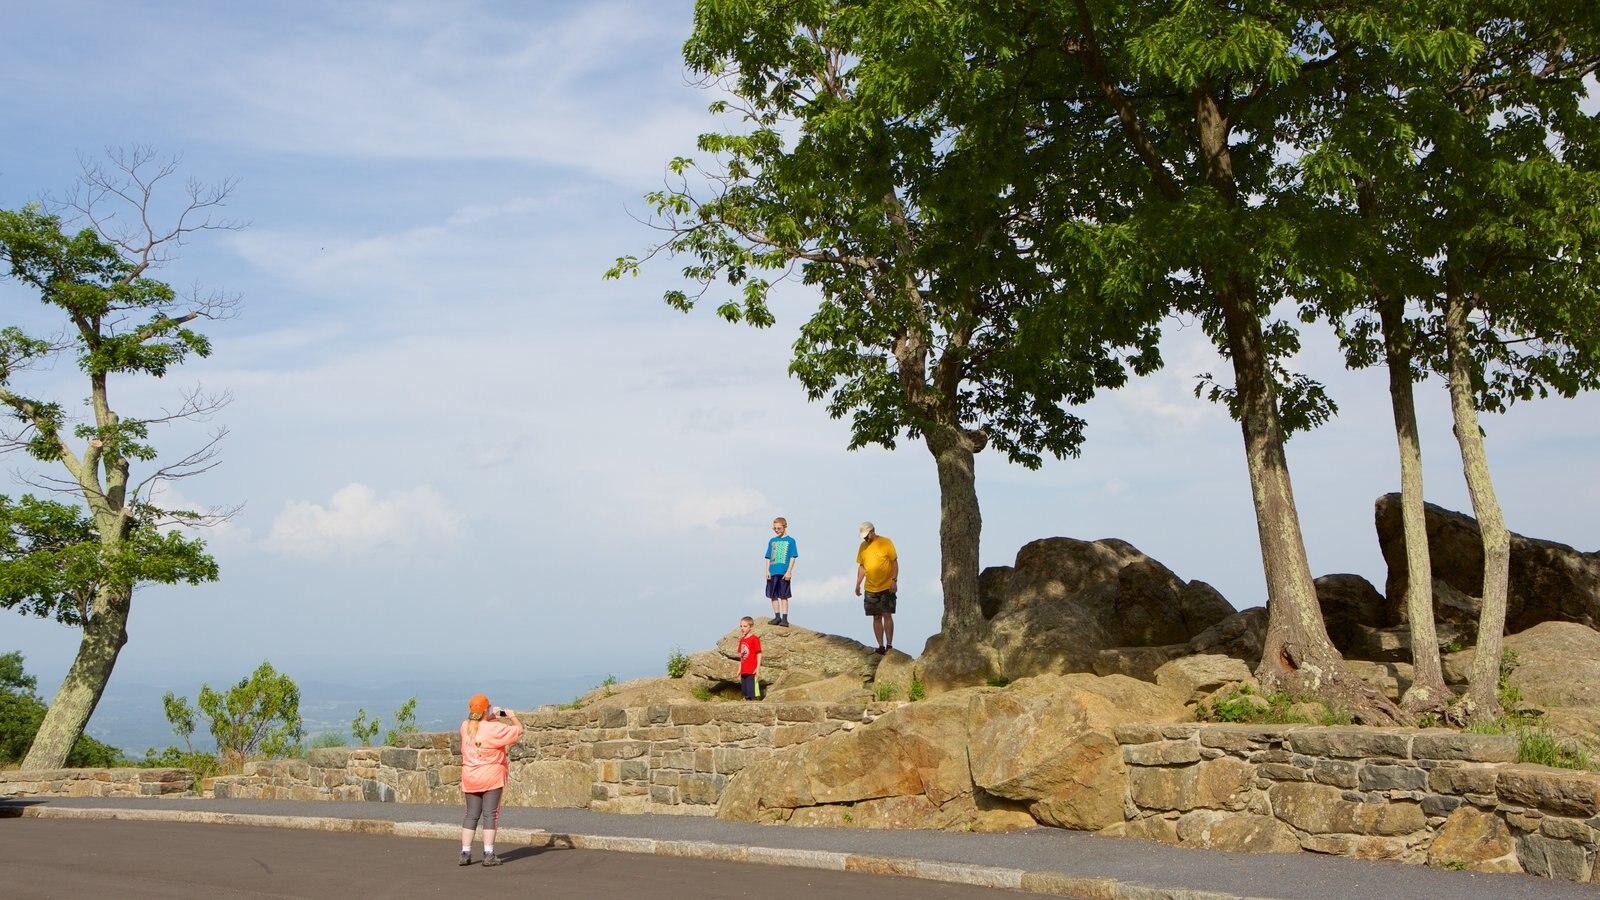 Parque Nacional Shenandoah mostrando vistas y escenas tranquilas y también una familia